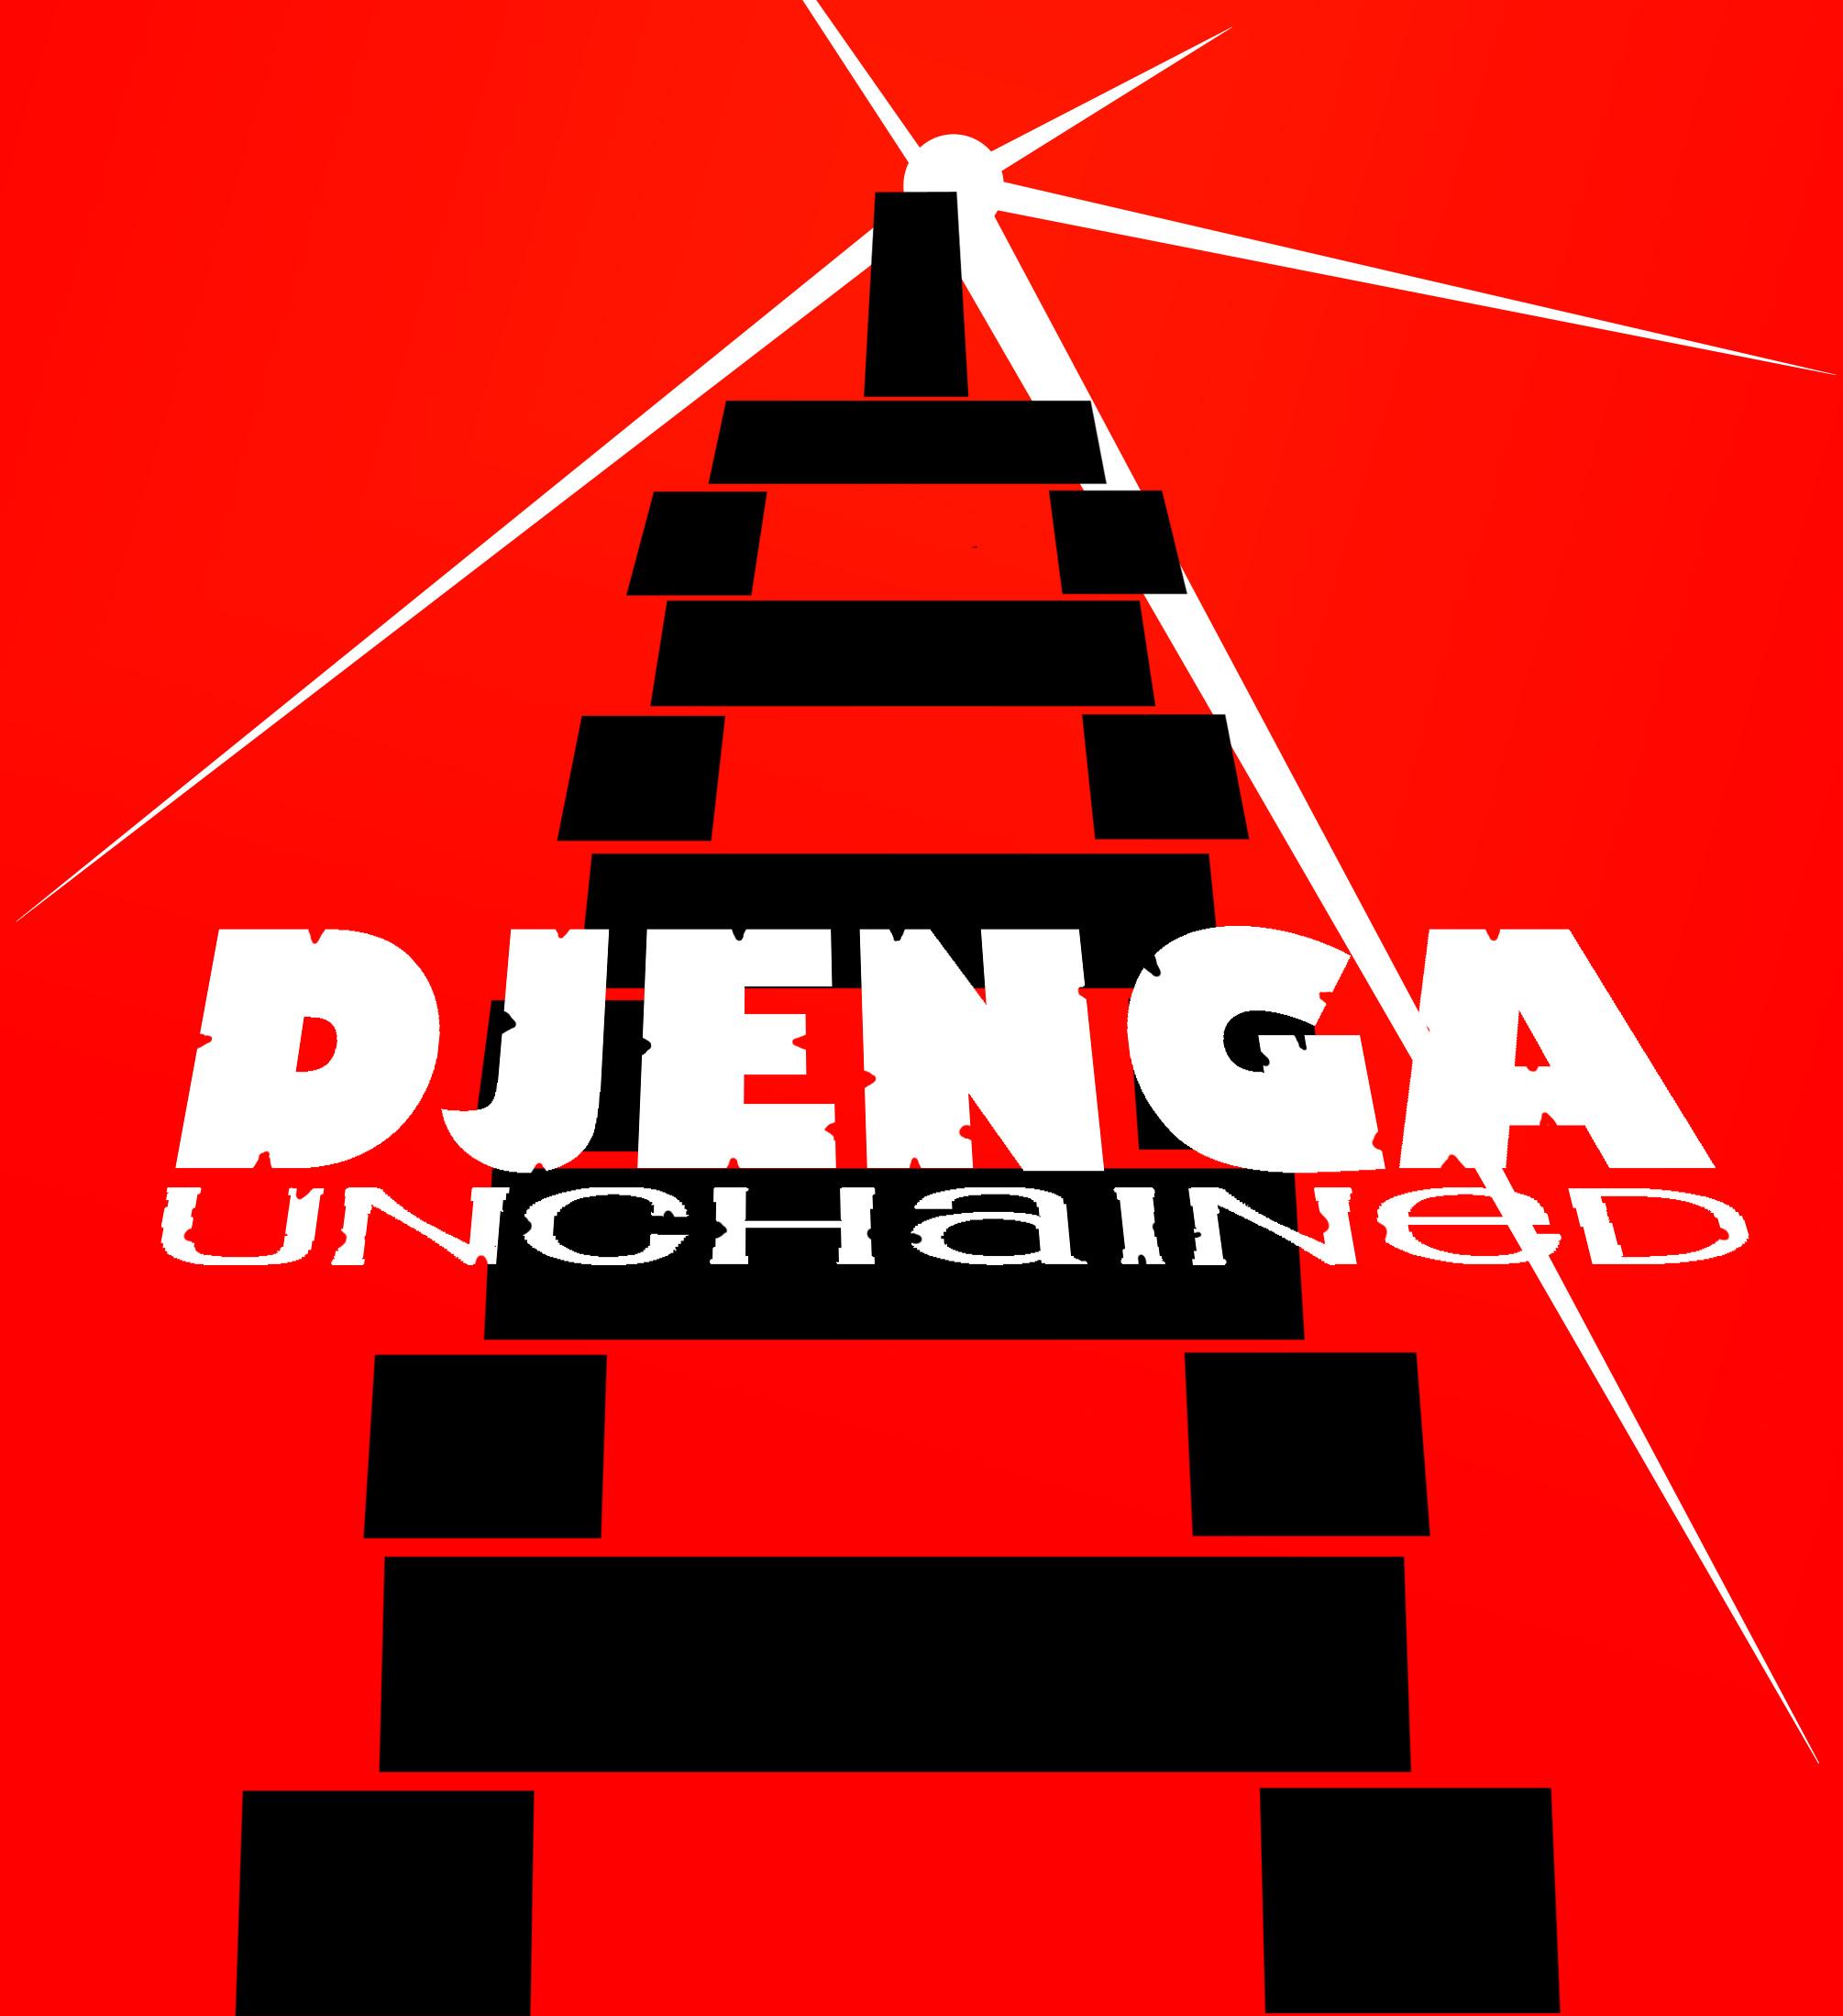 DJENGA UNCHAINED